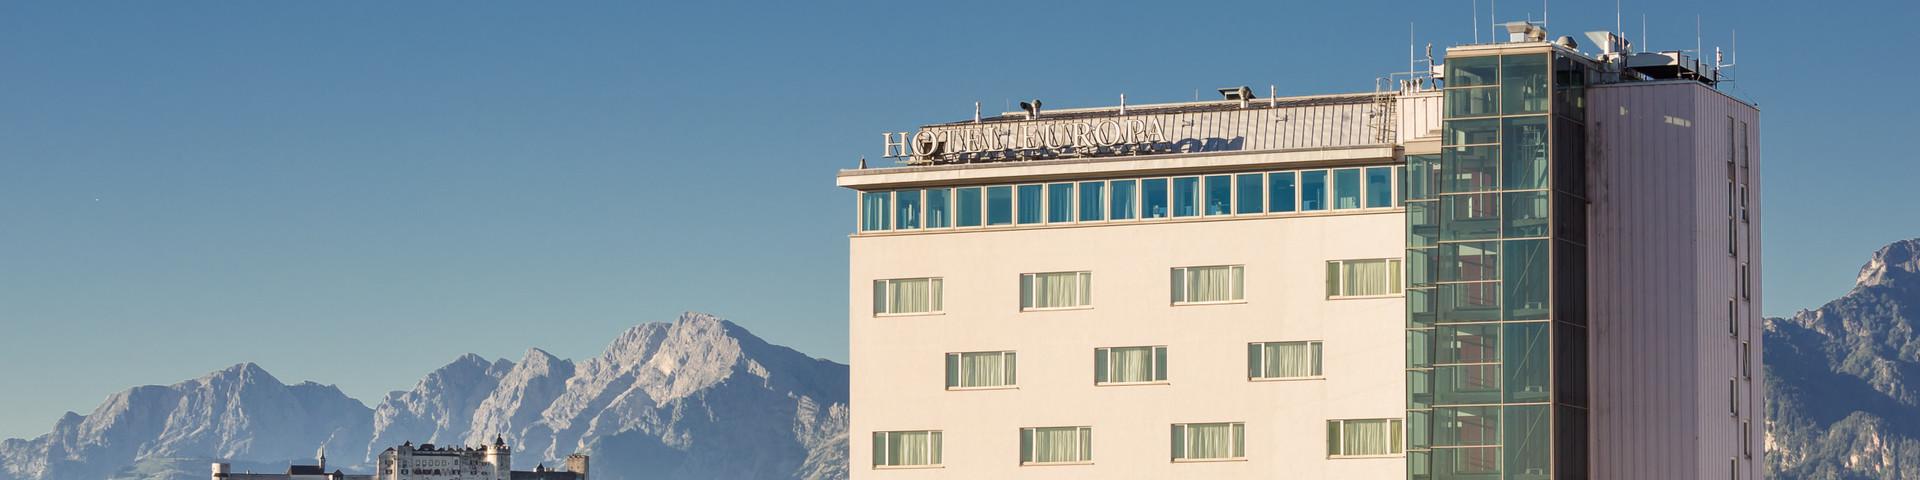 Austria Trend Hotel Europa Salzburg - Aussenansicht © Austria Trend Hotels